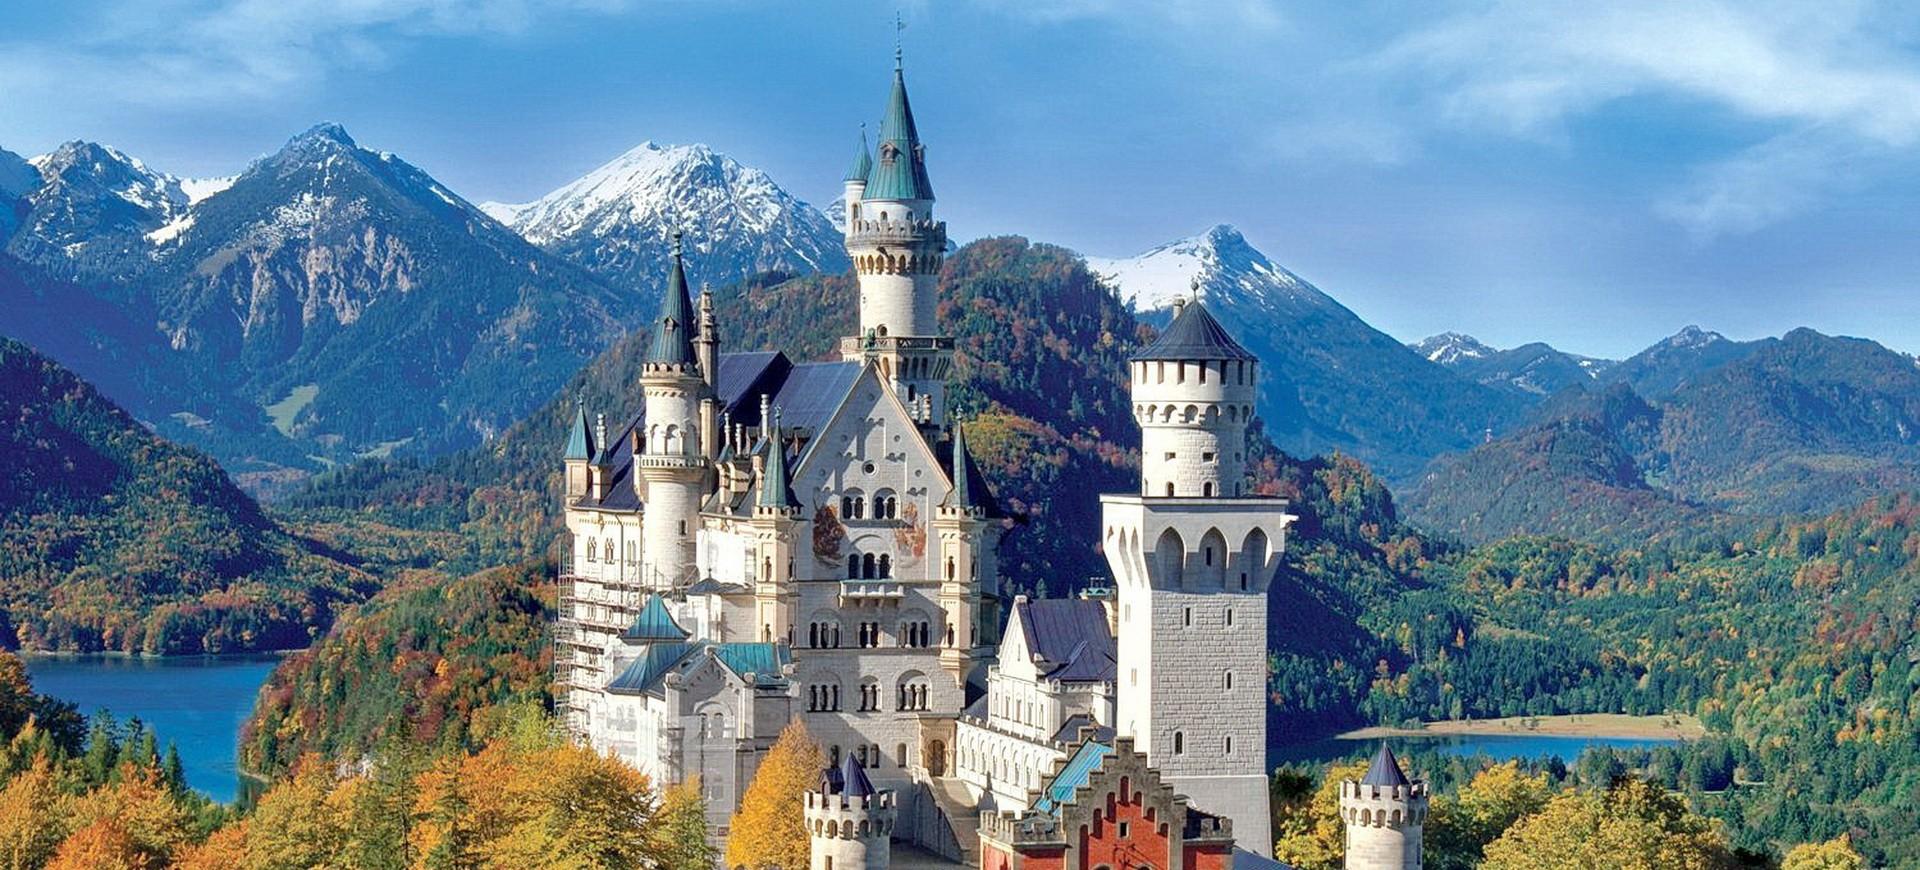 Séjour de 15 jours à Munich en Bavière et Stage d'acupuncture